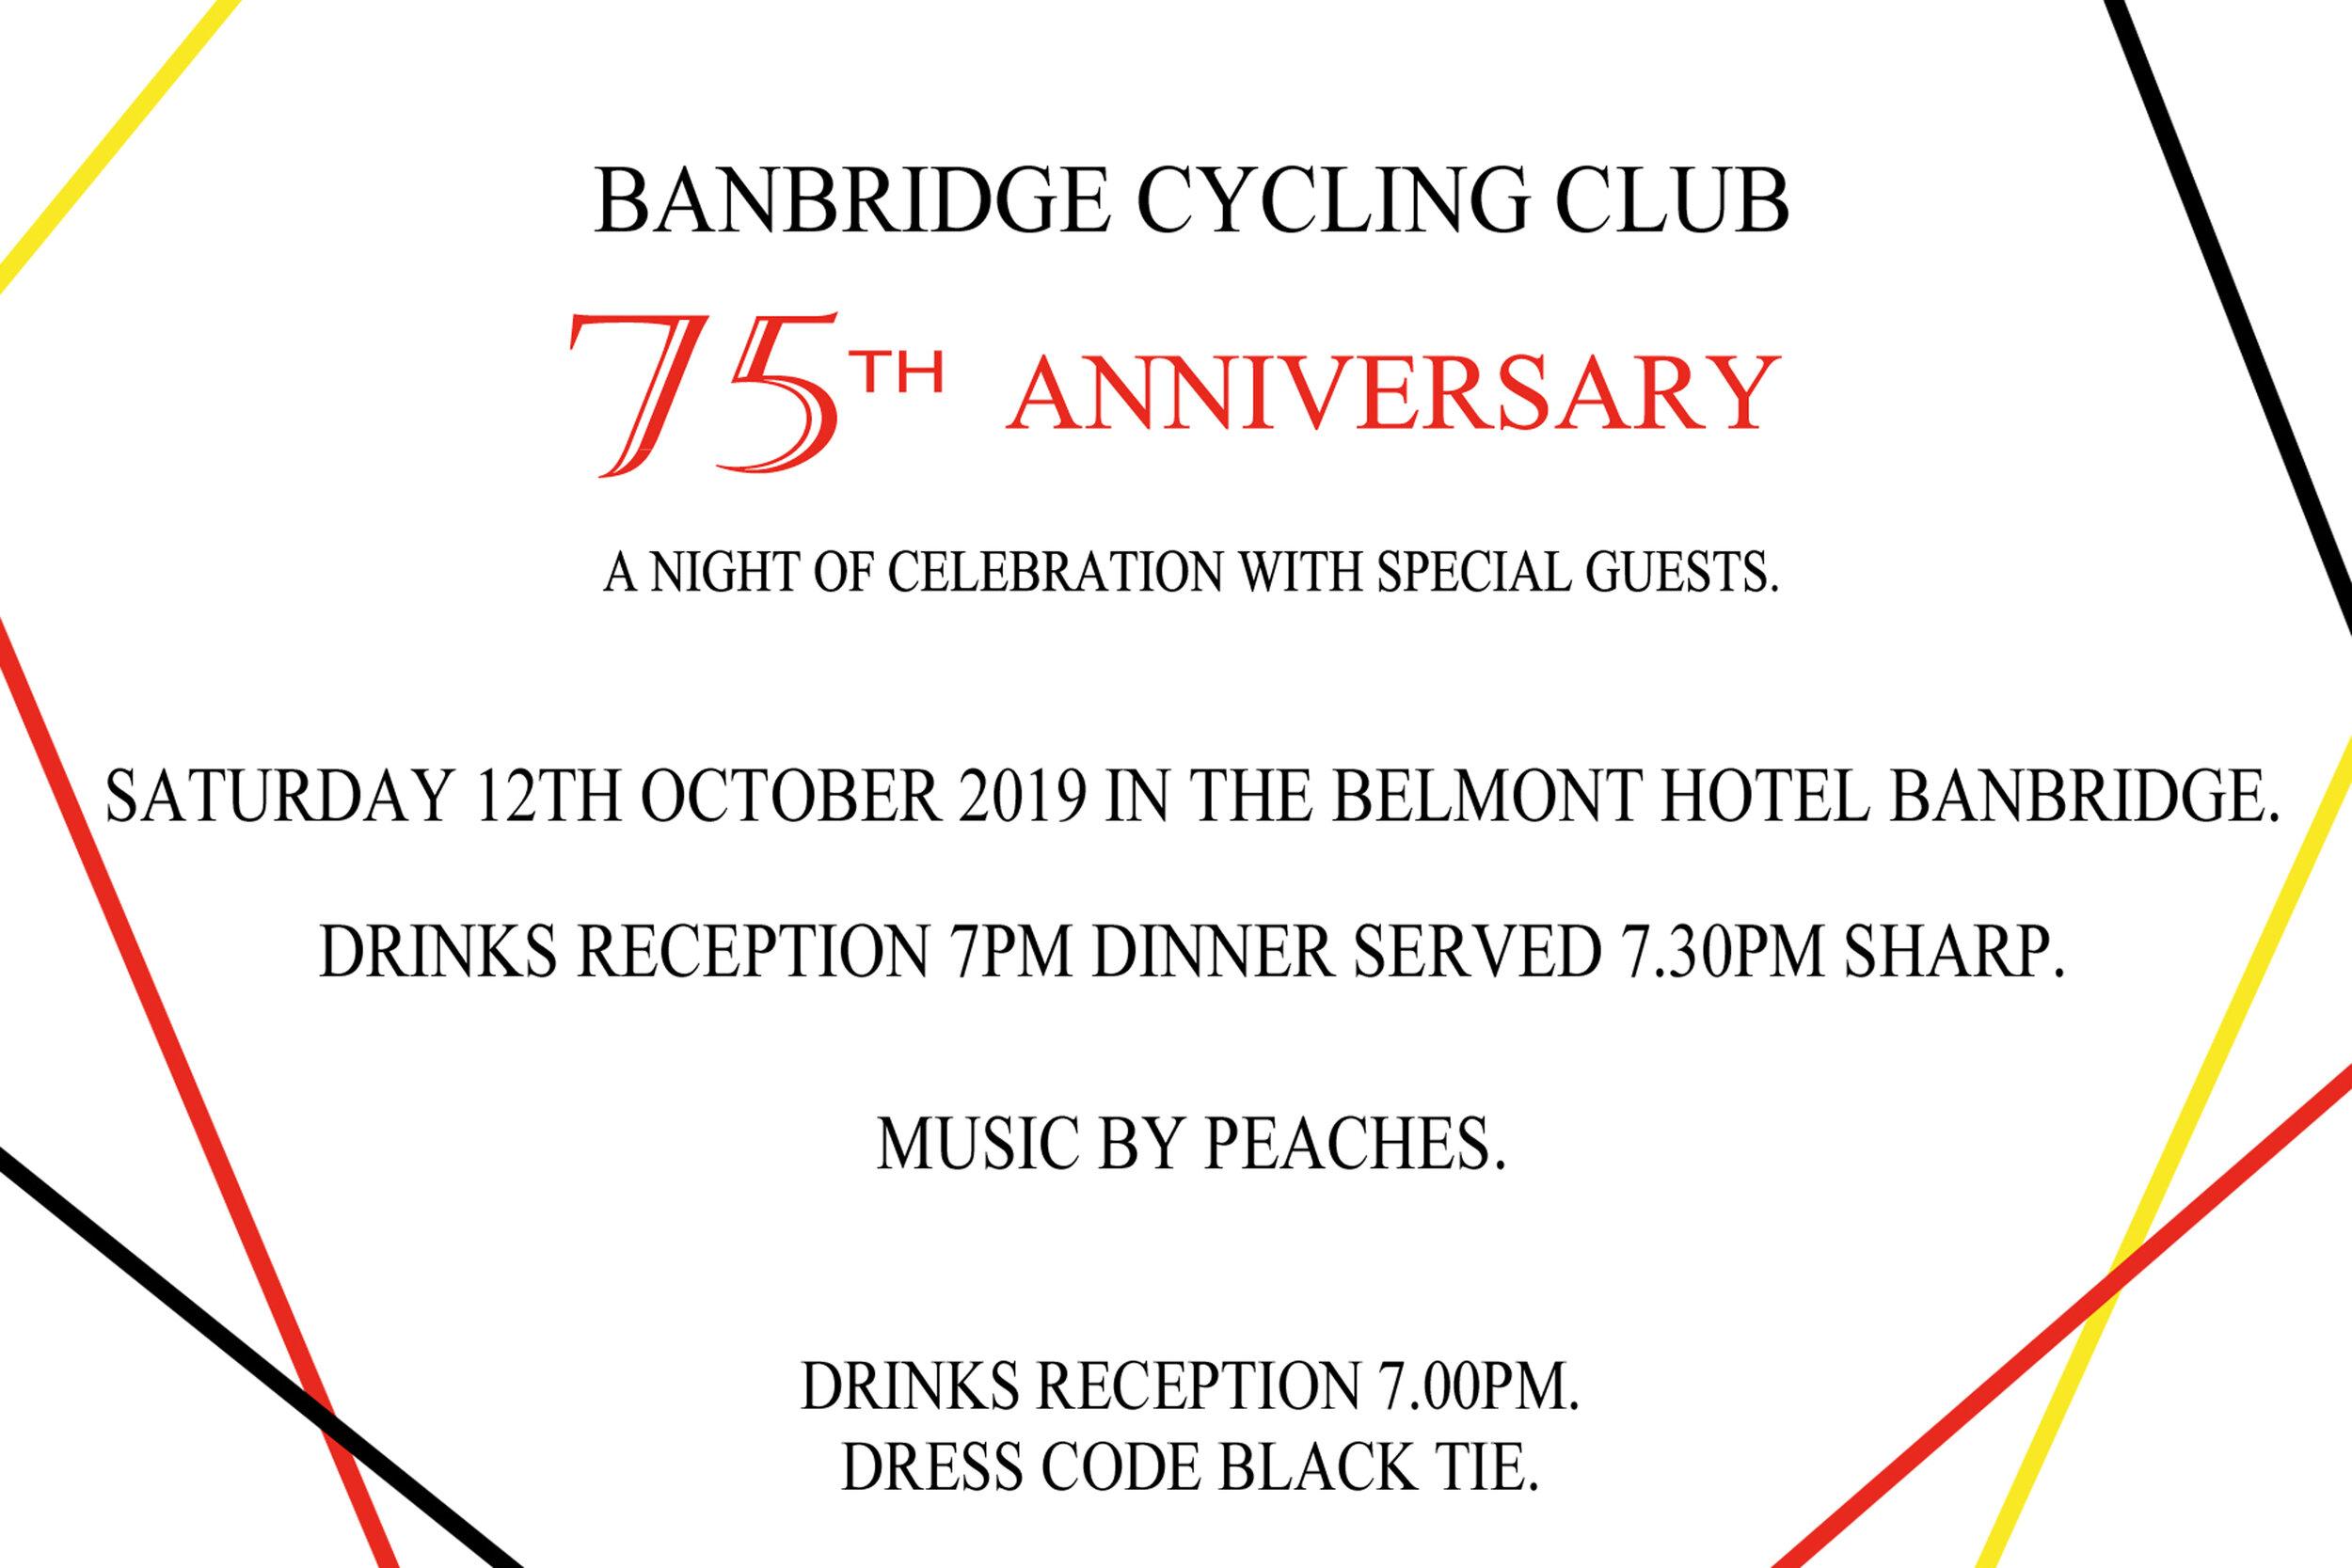 75th Anniversary Night